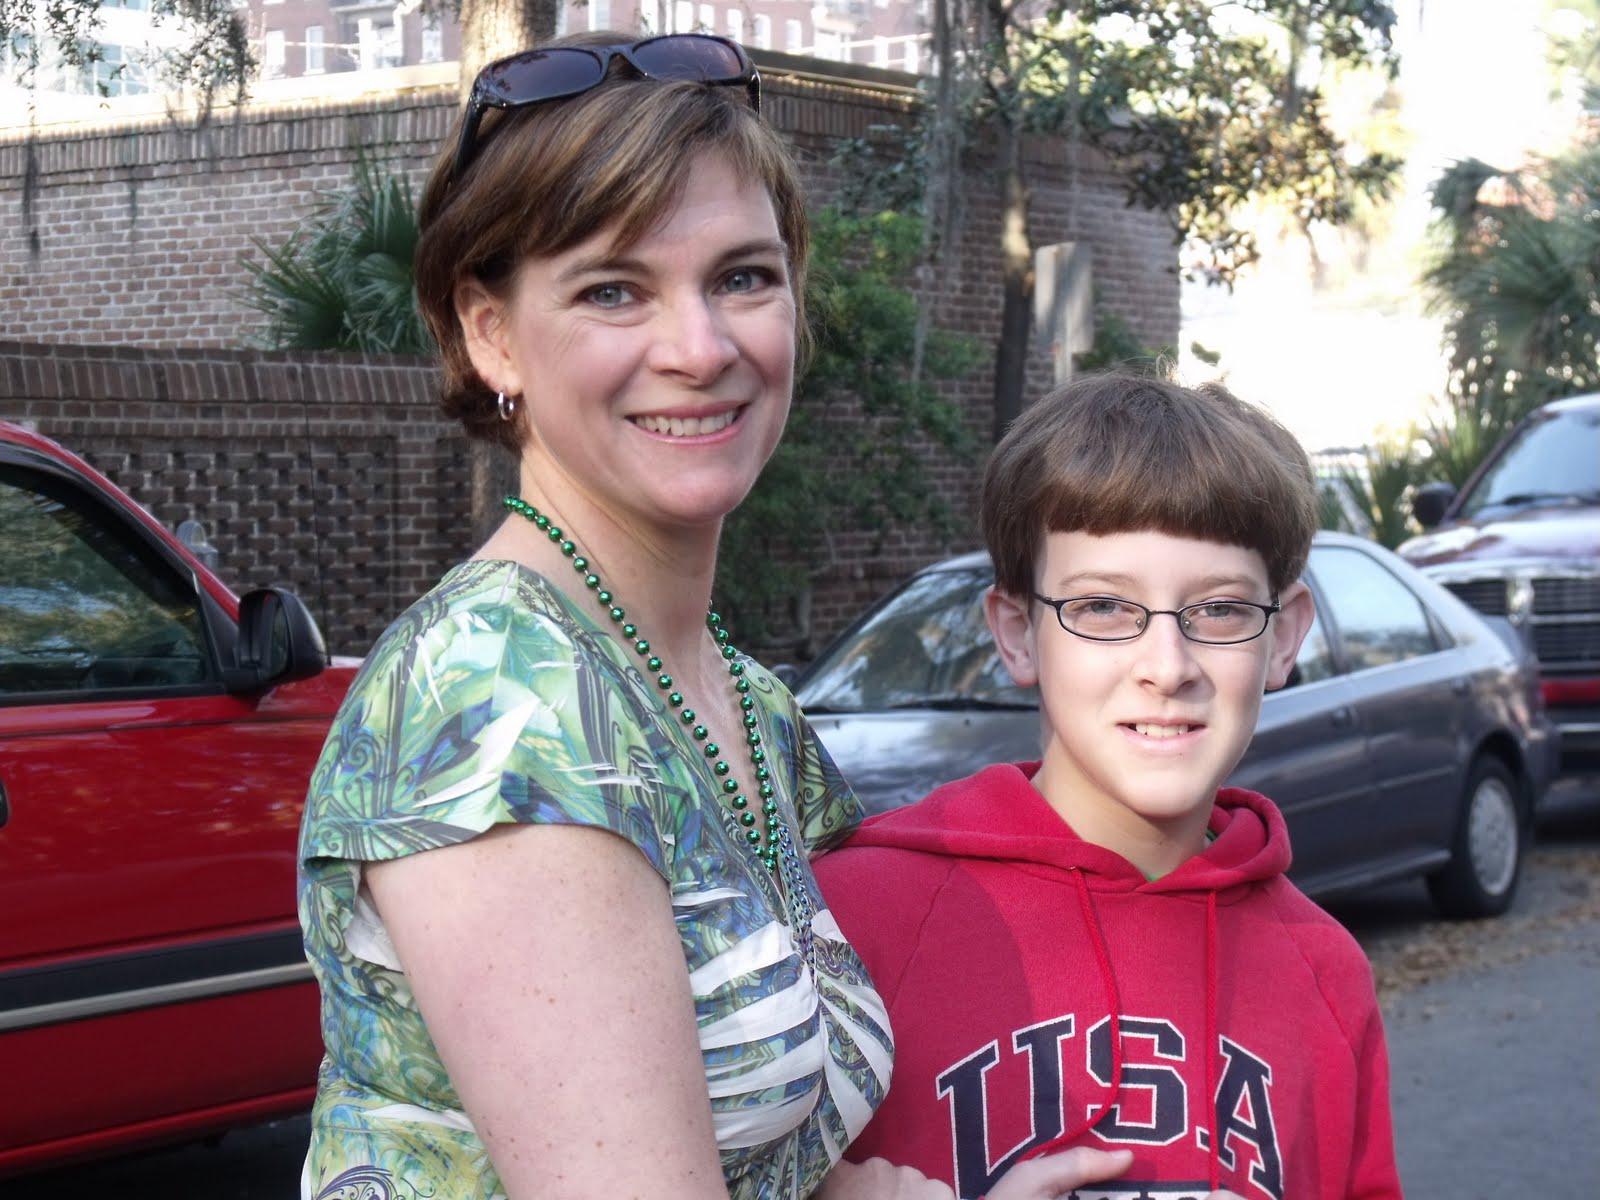 Порно и мама и мальчик смотреть онлайн фотоография